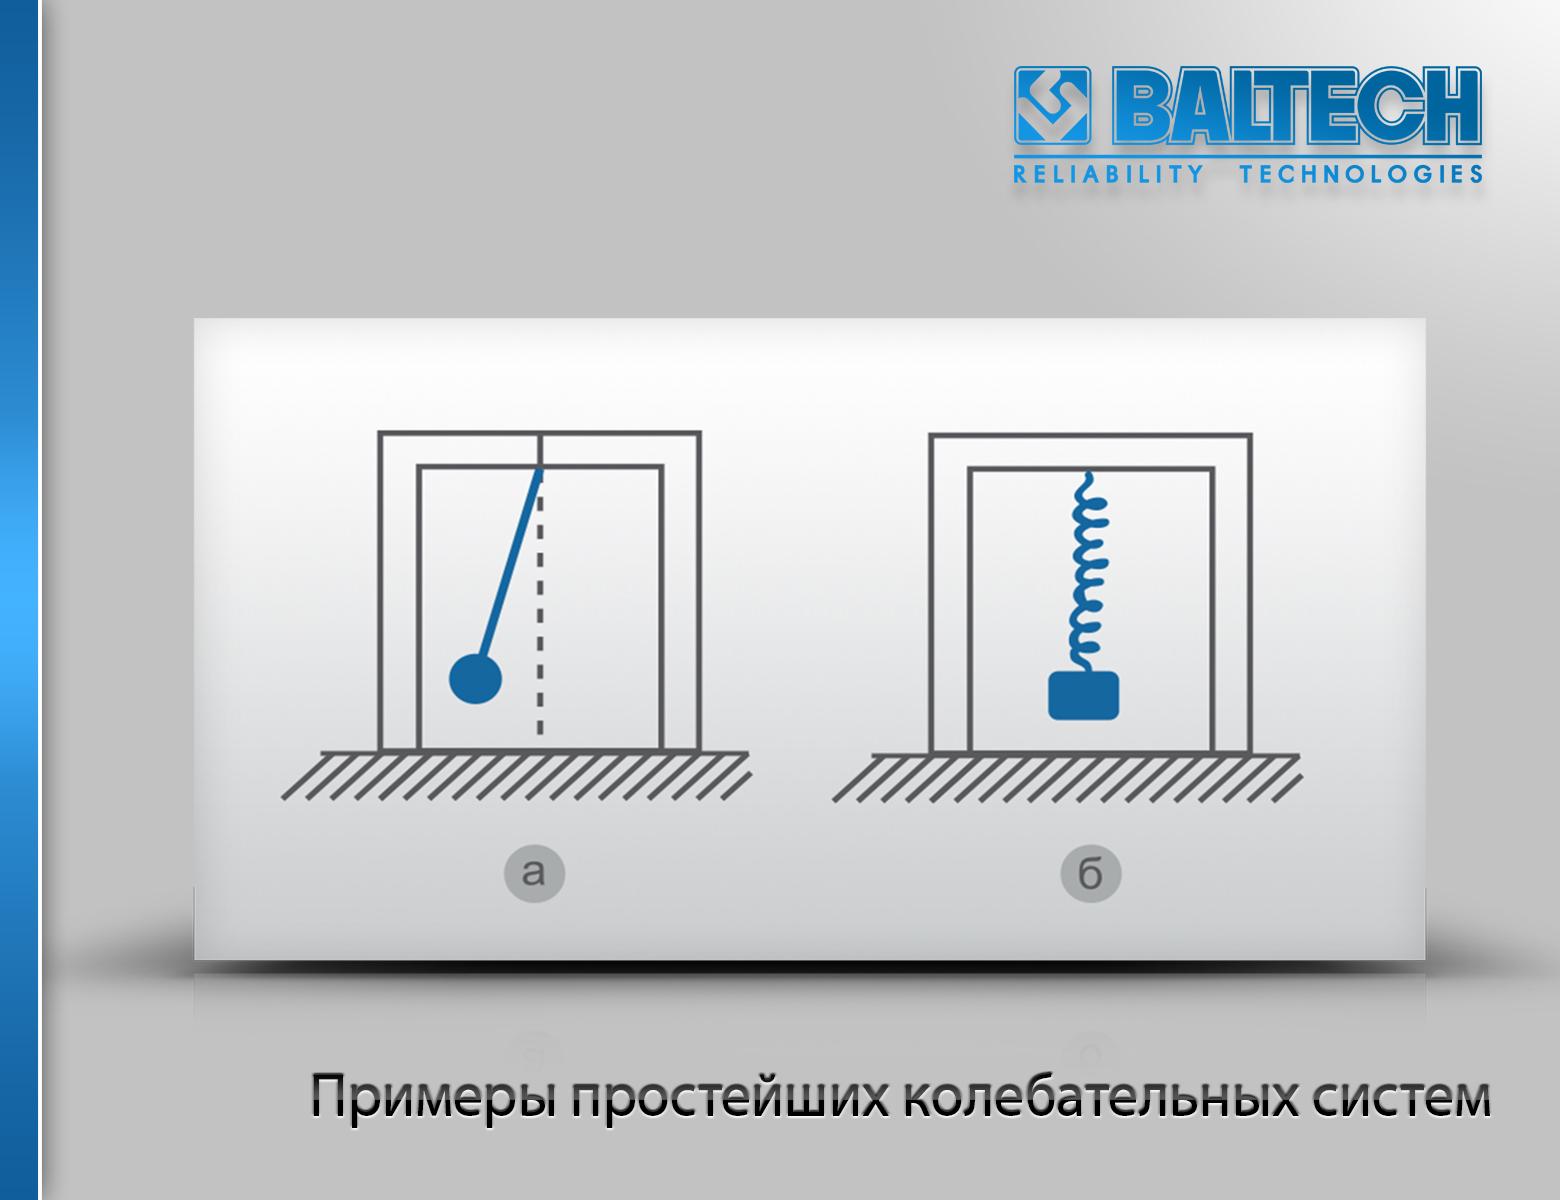 Колебательная система, измерение параметров вибрации, измерение виброускорения, измерение виброскорости, измерение виброперемещения